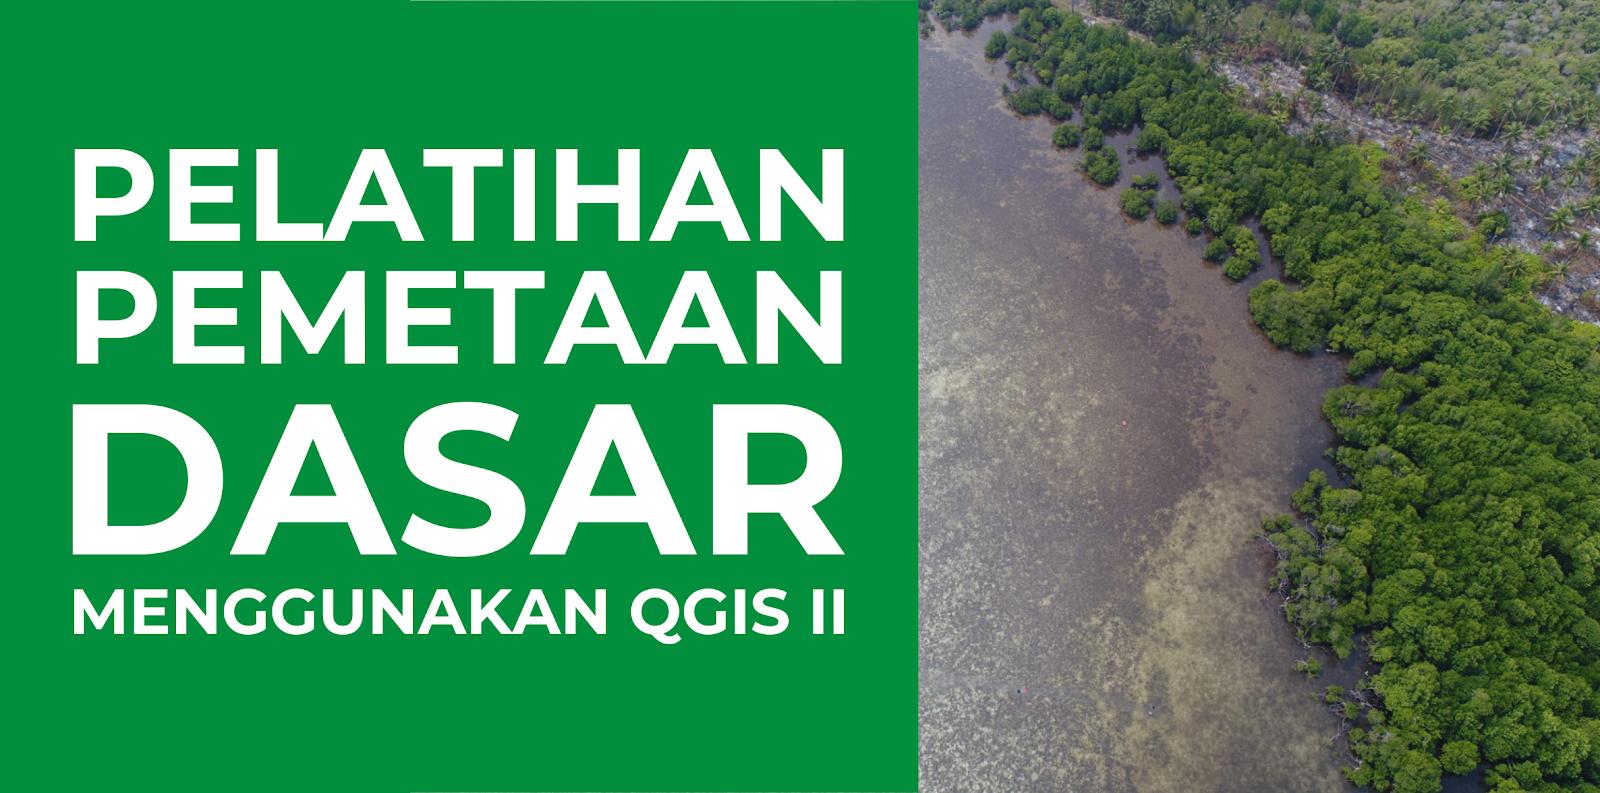 Pendaftaran Pelatihan Pemetaan Dasar Menggunakan QGIS II